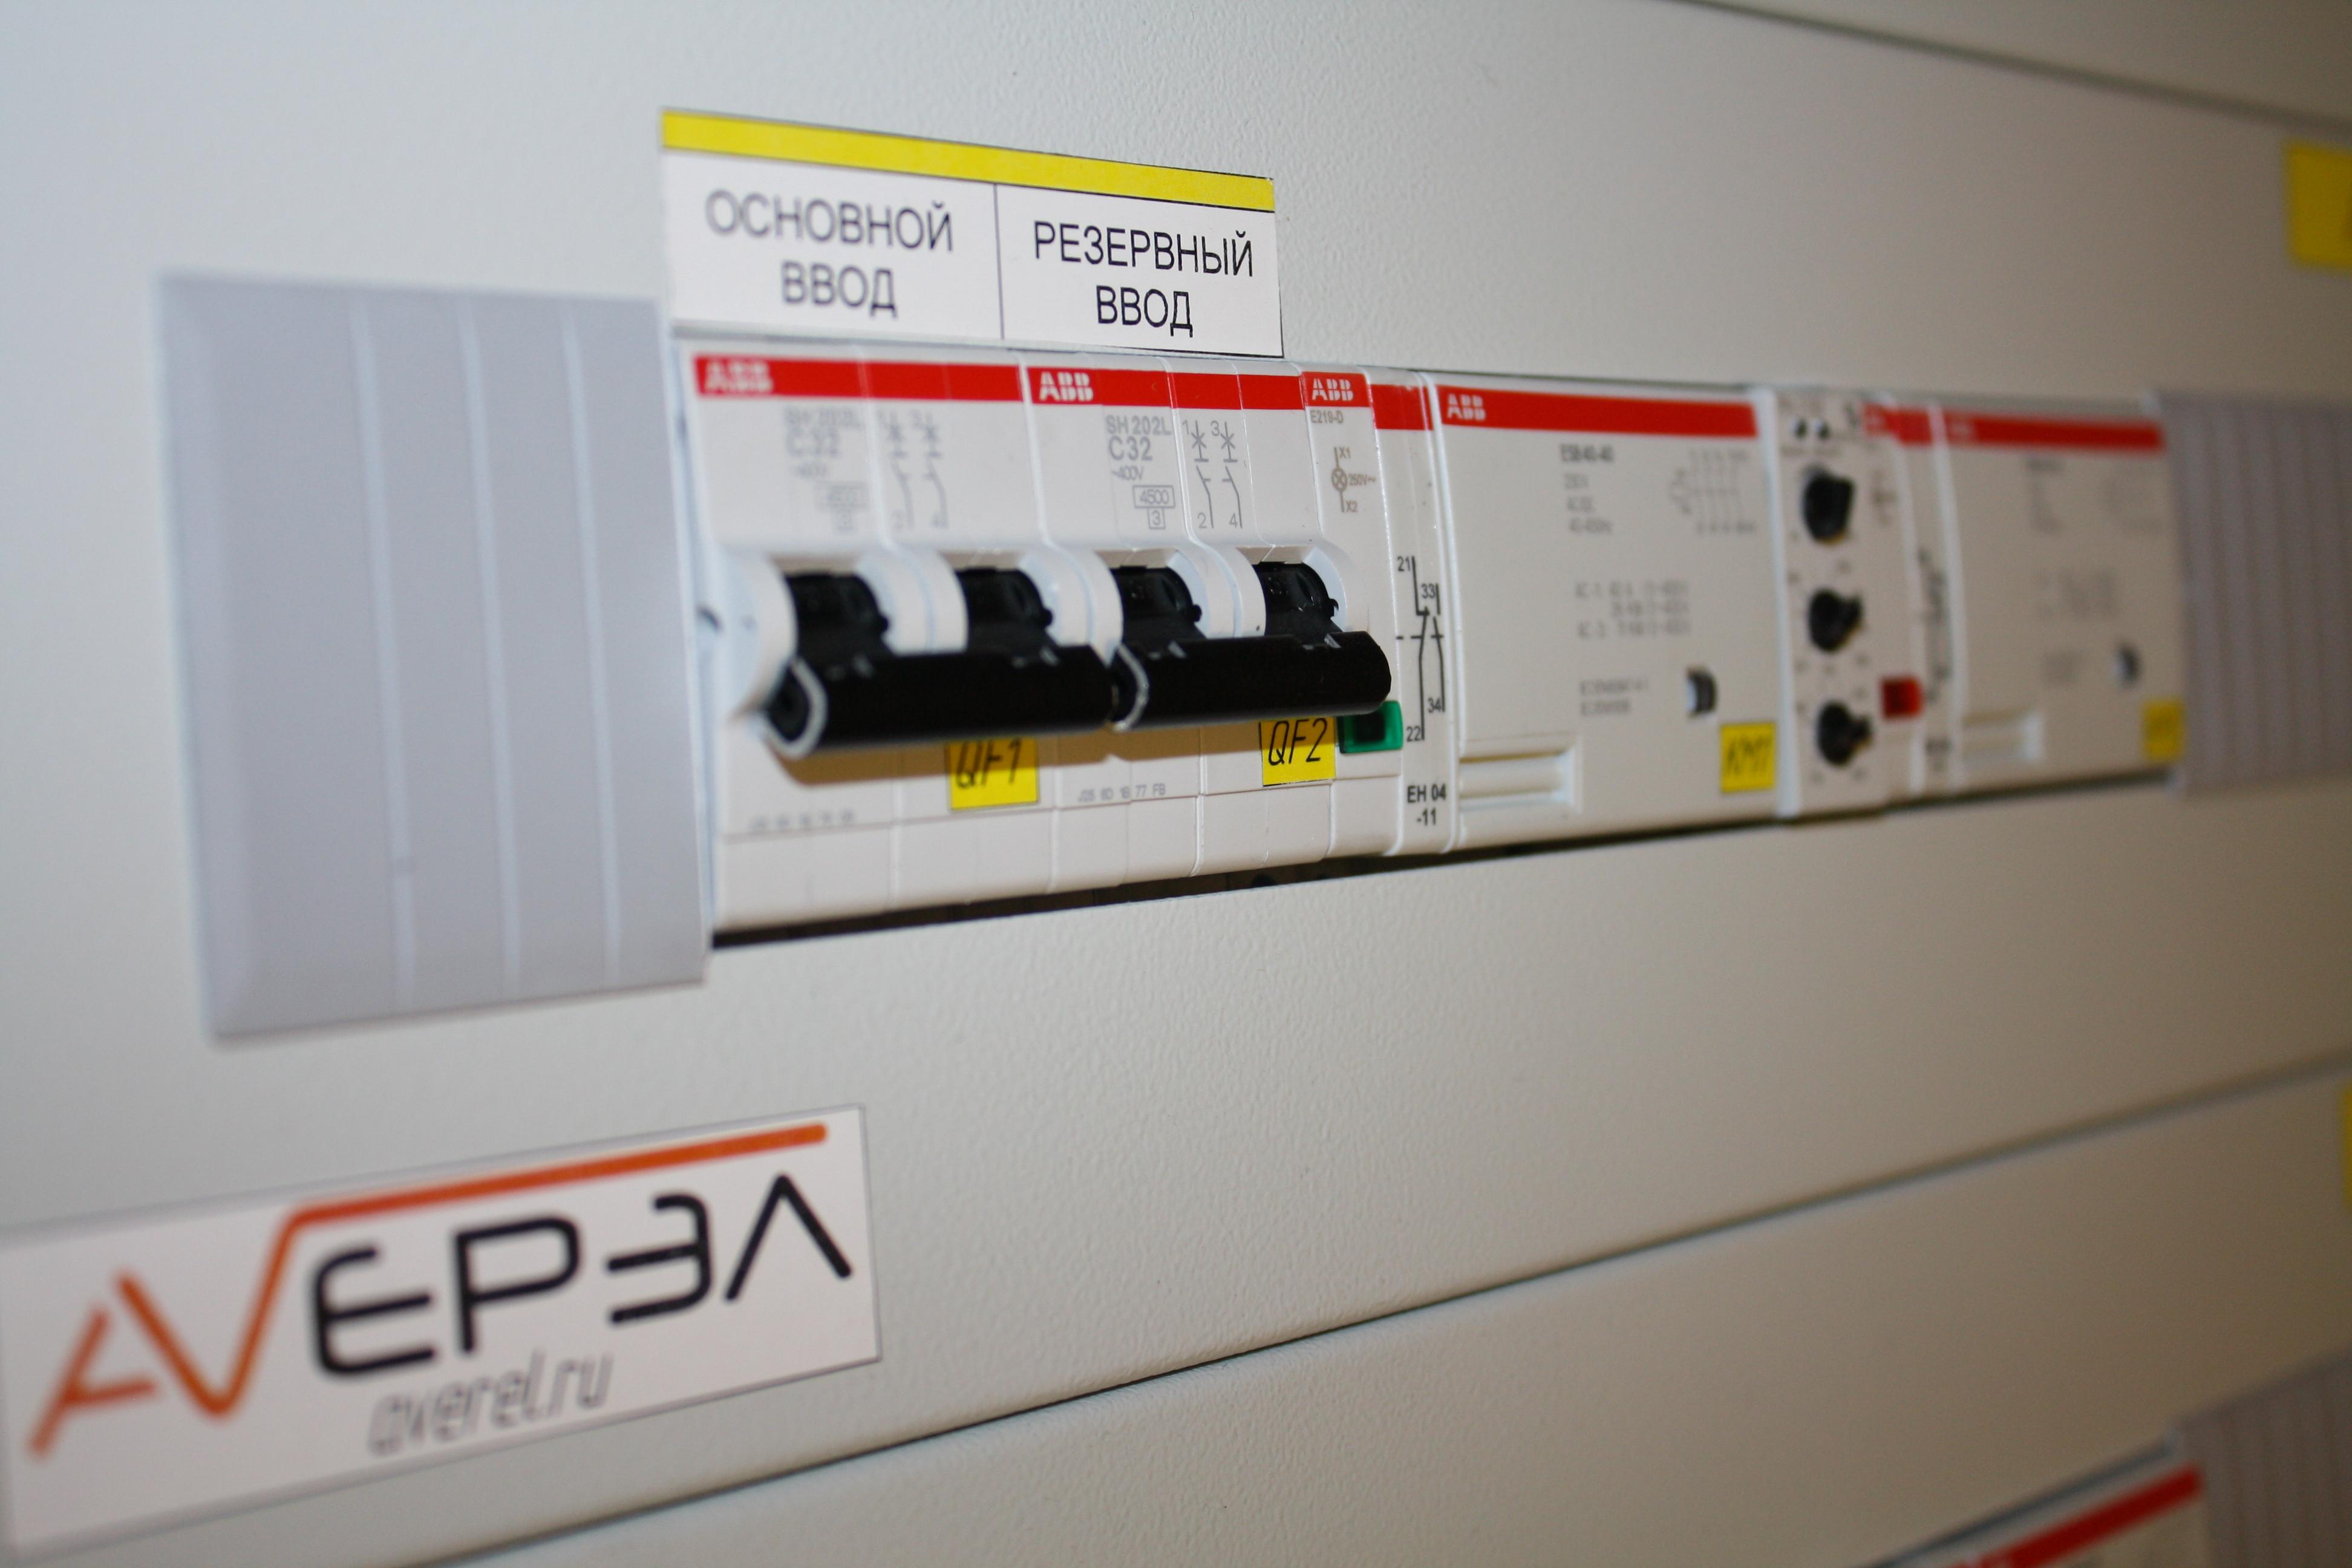 Устройство АВР 19 с комплектацией ABB